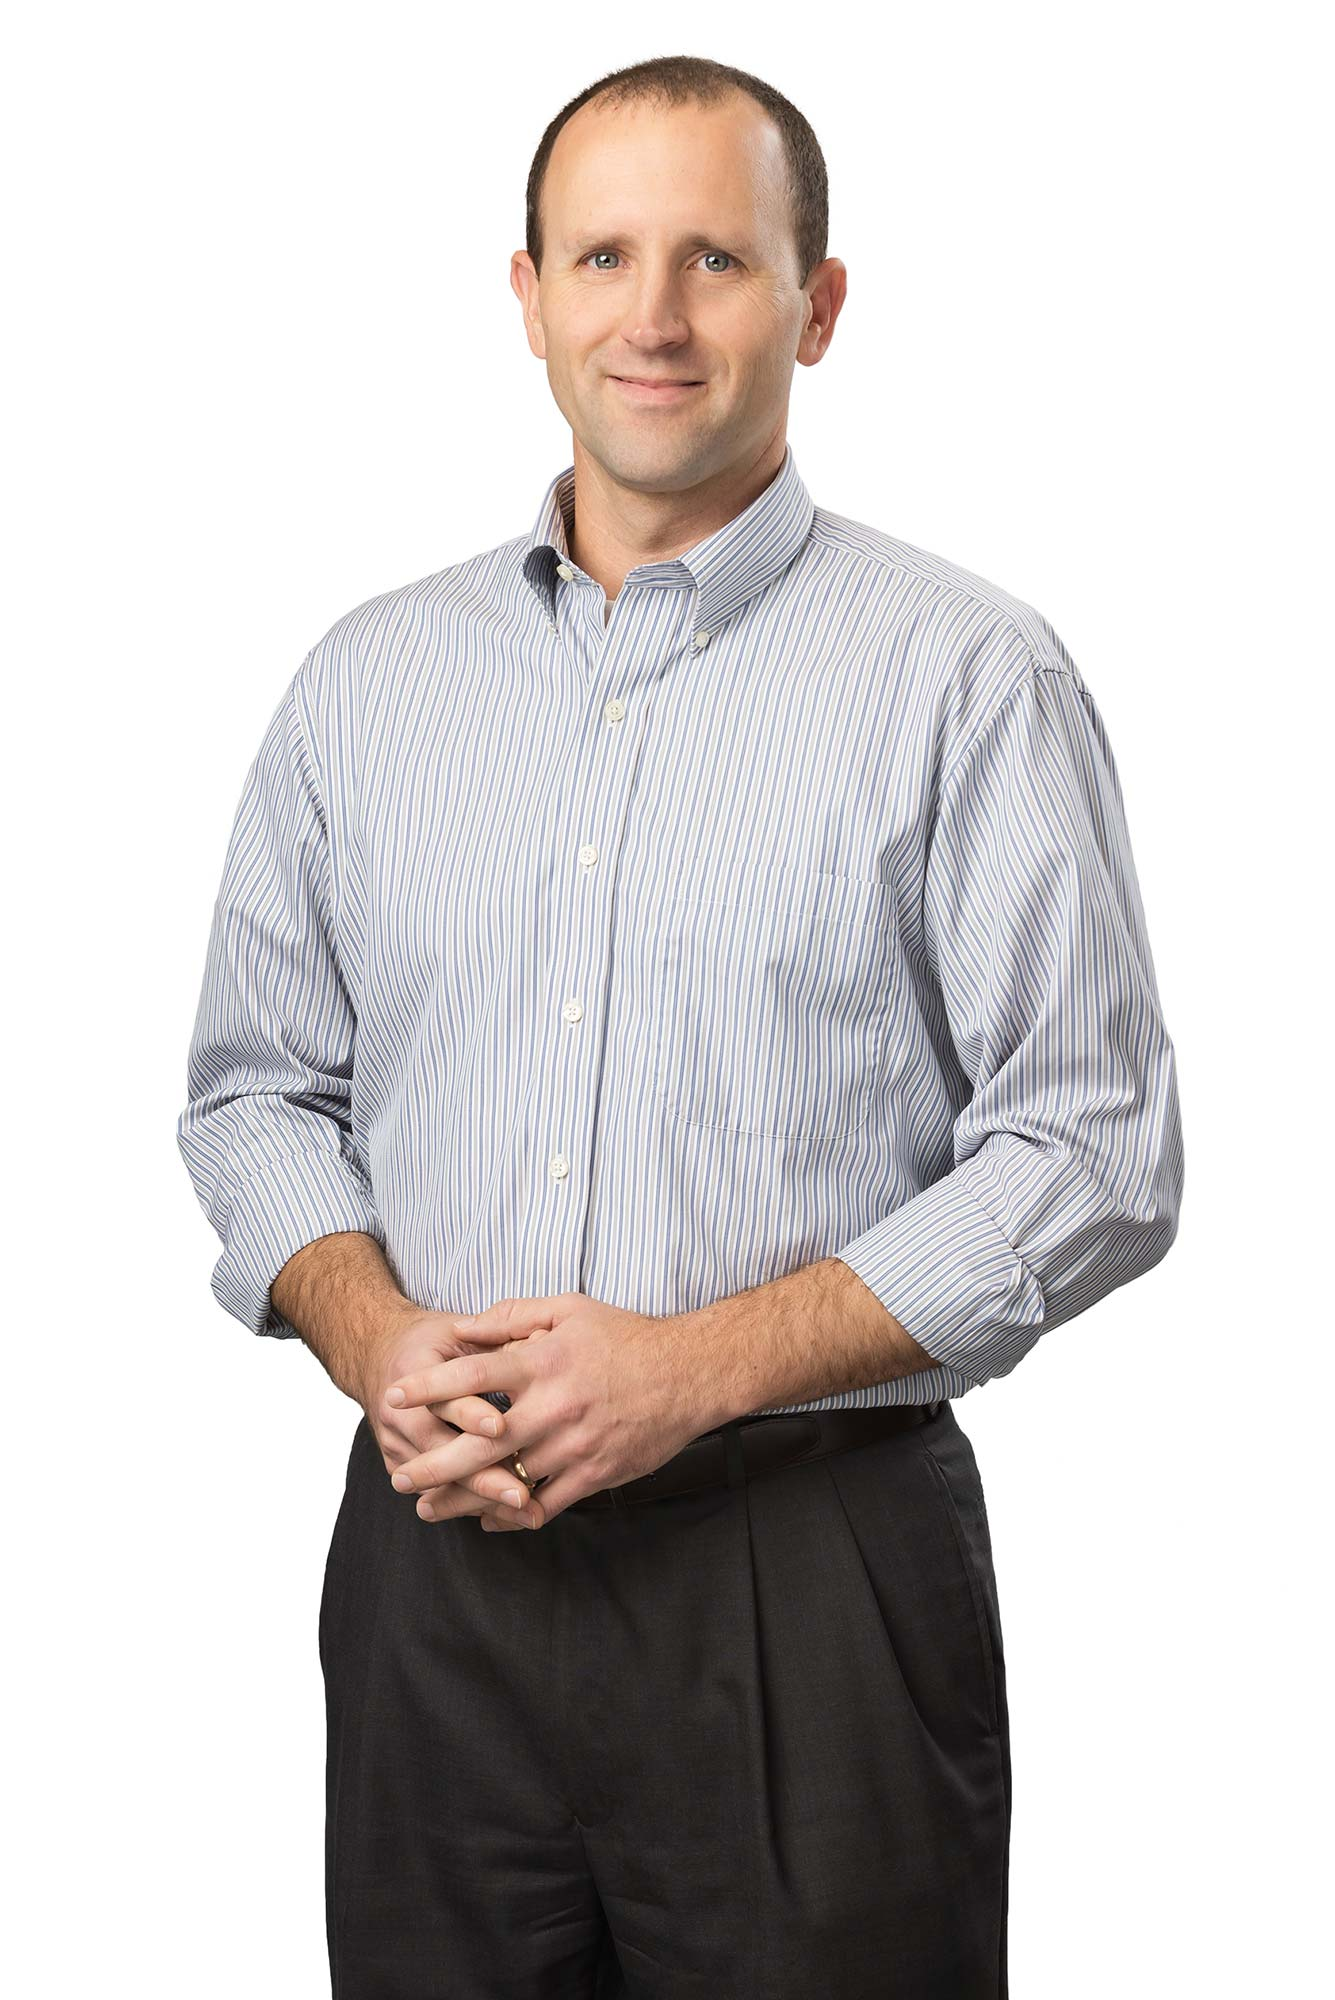 Dave Schoeff